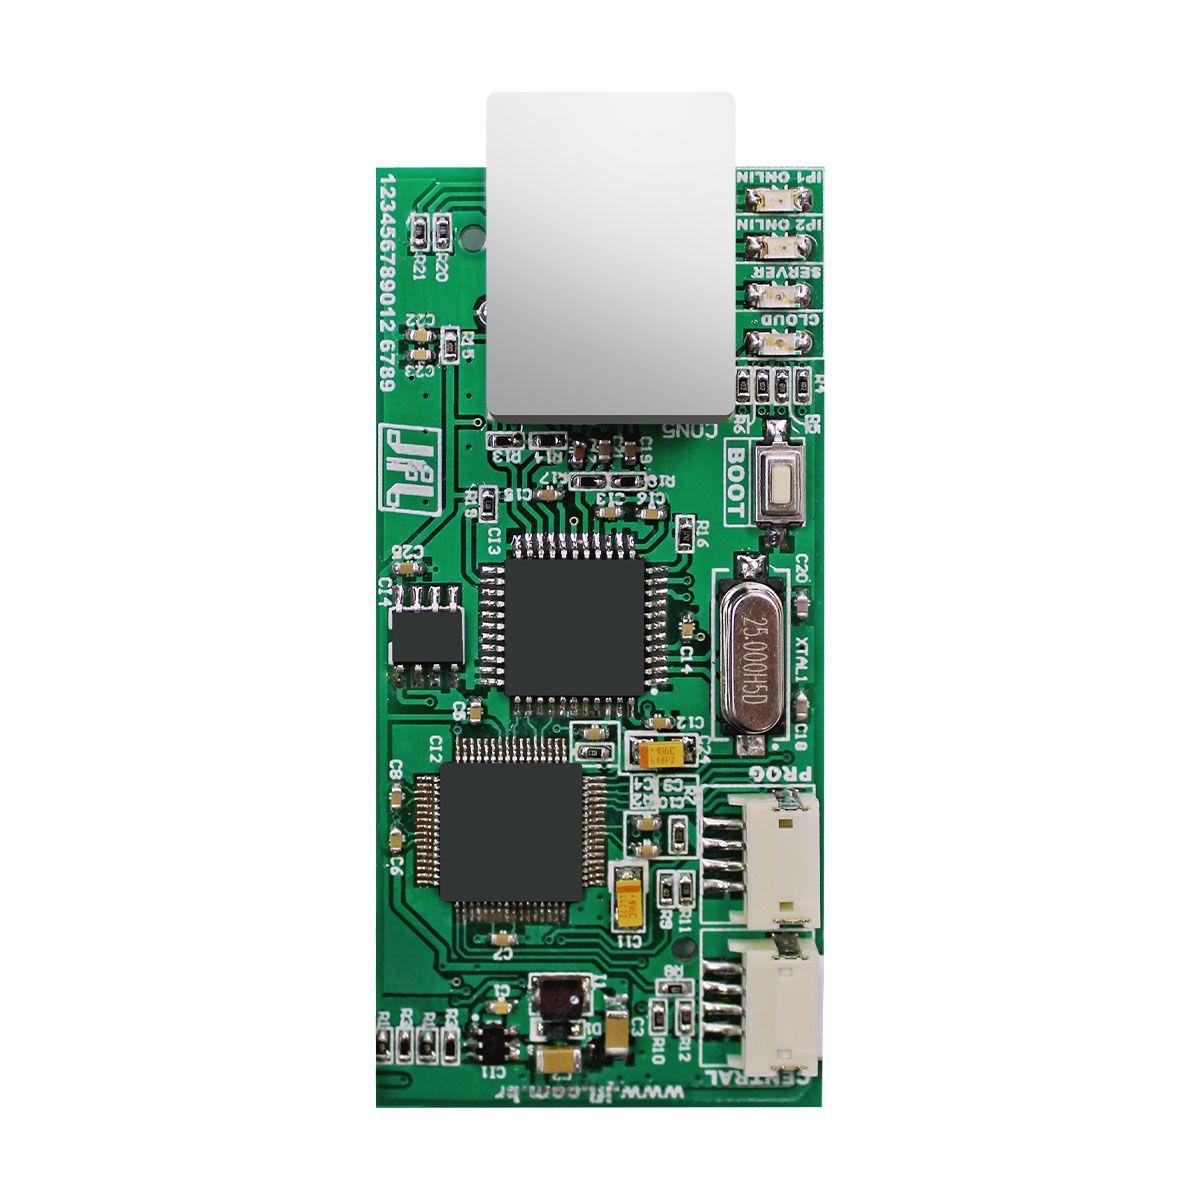 Kit Alarme Smart Cloud 18 Jfl Sensores Sem Fio Shc Fit